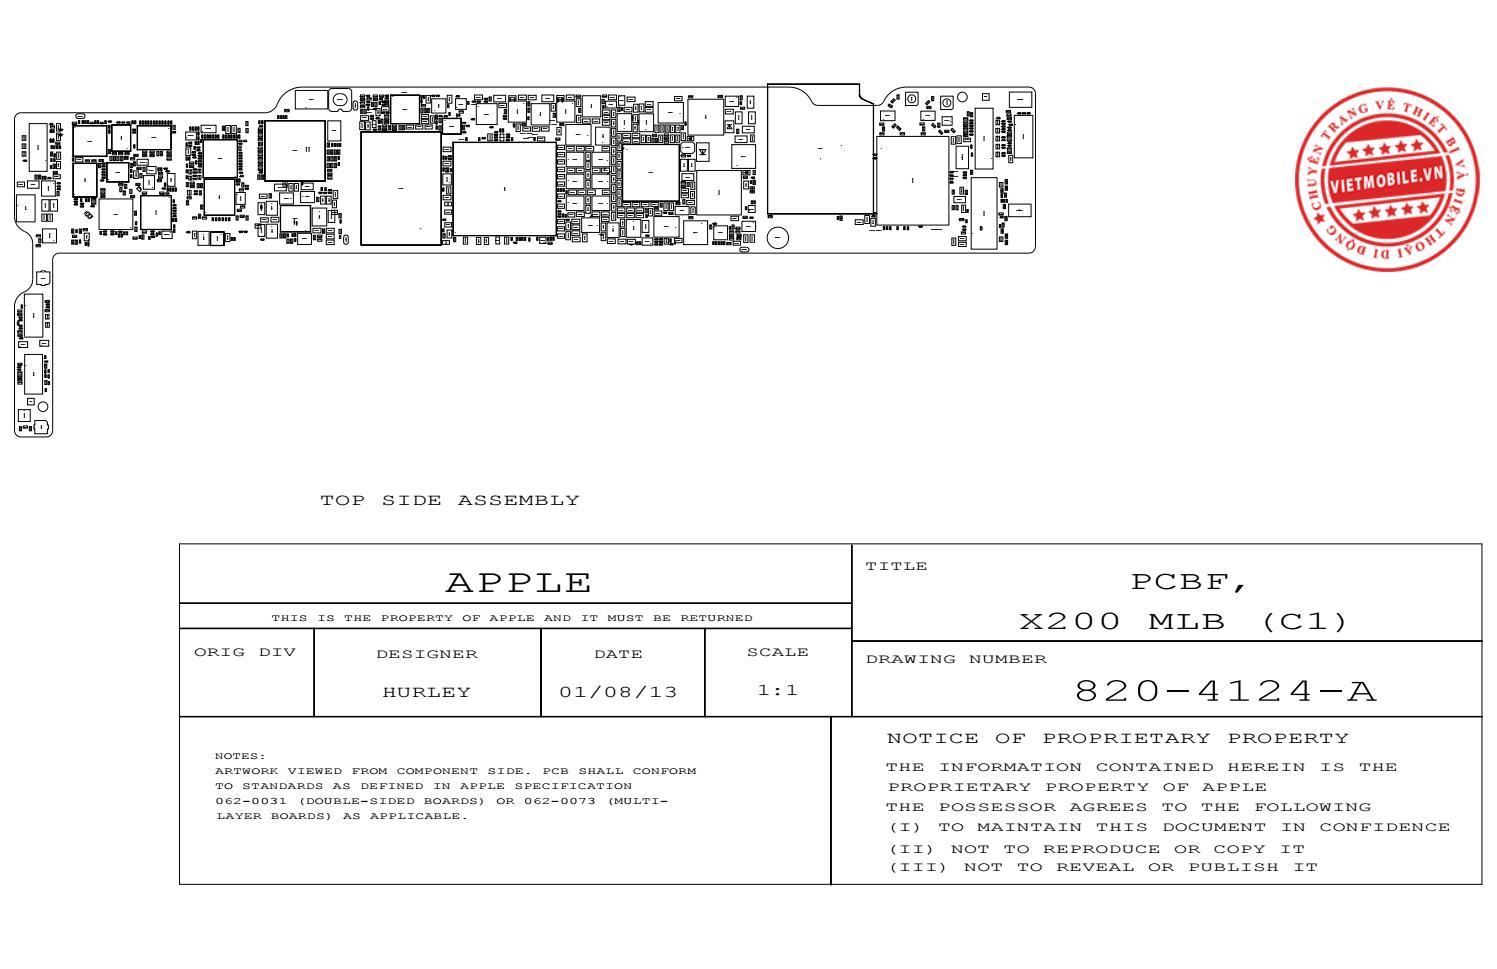 Ipad mini 2 full schematic diagram by yun zhang - issuuIssuu